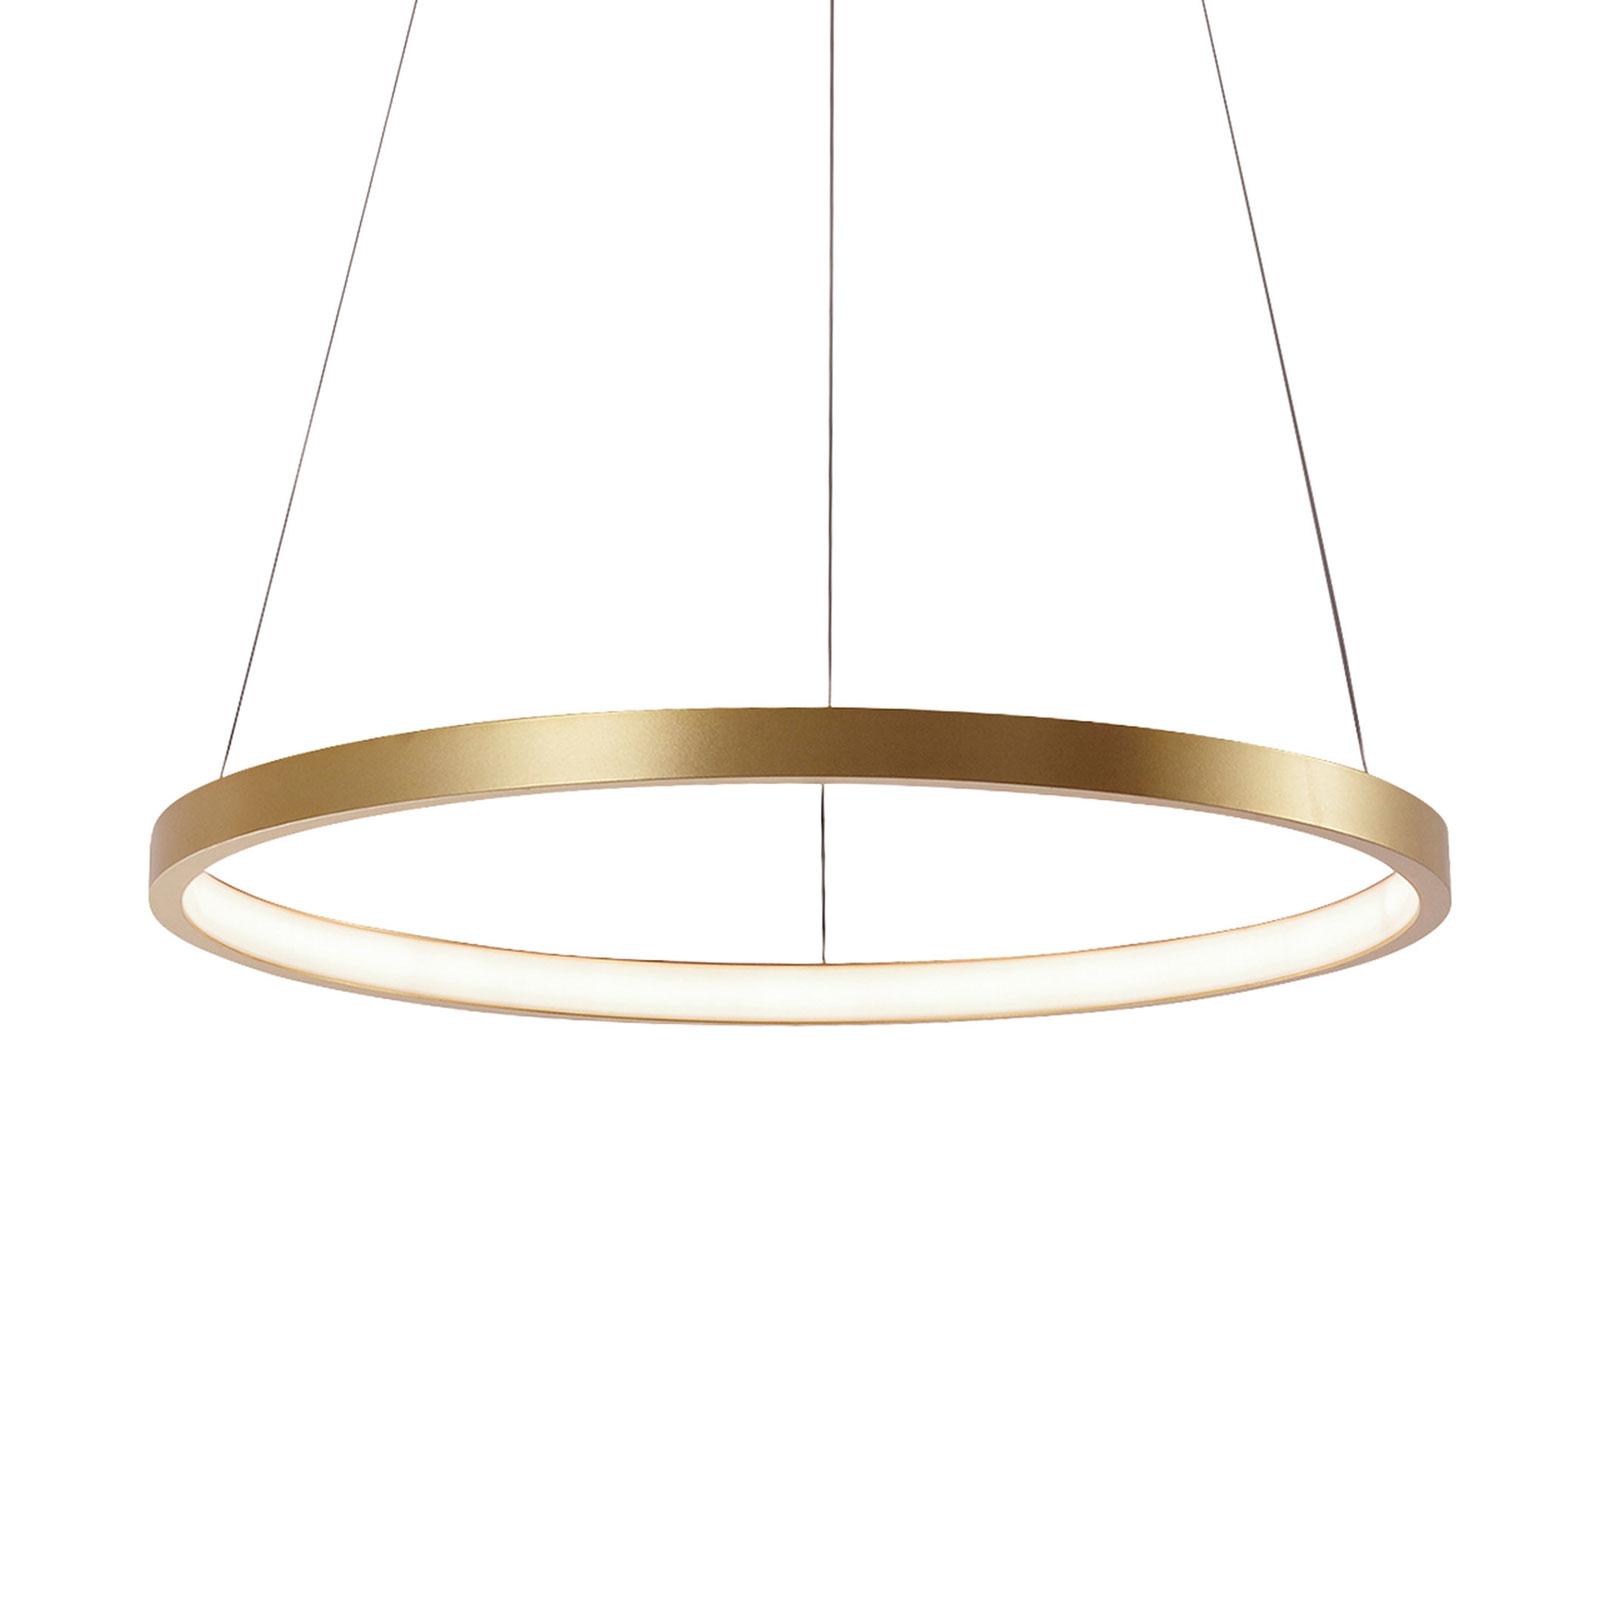 Circle LED-hængelampe gylden, Ø 39 cm